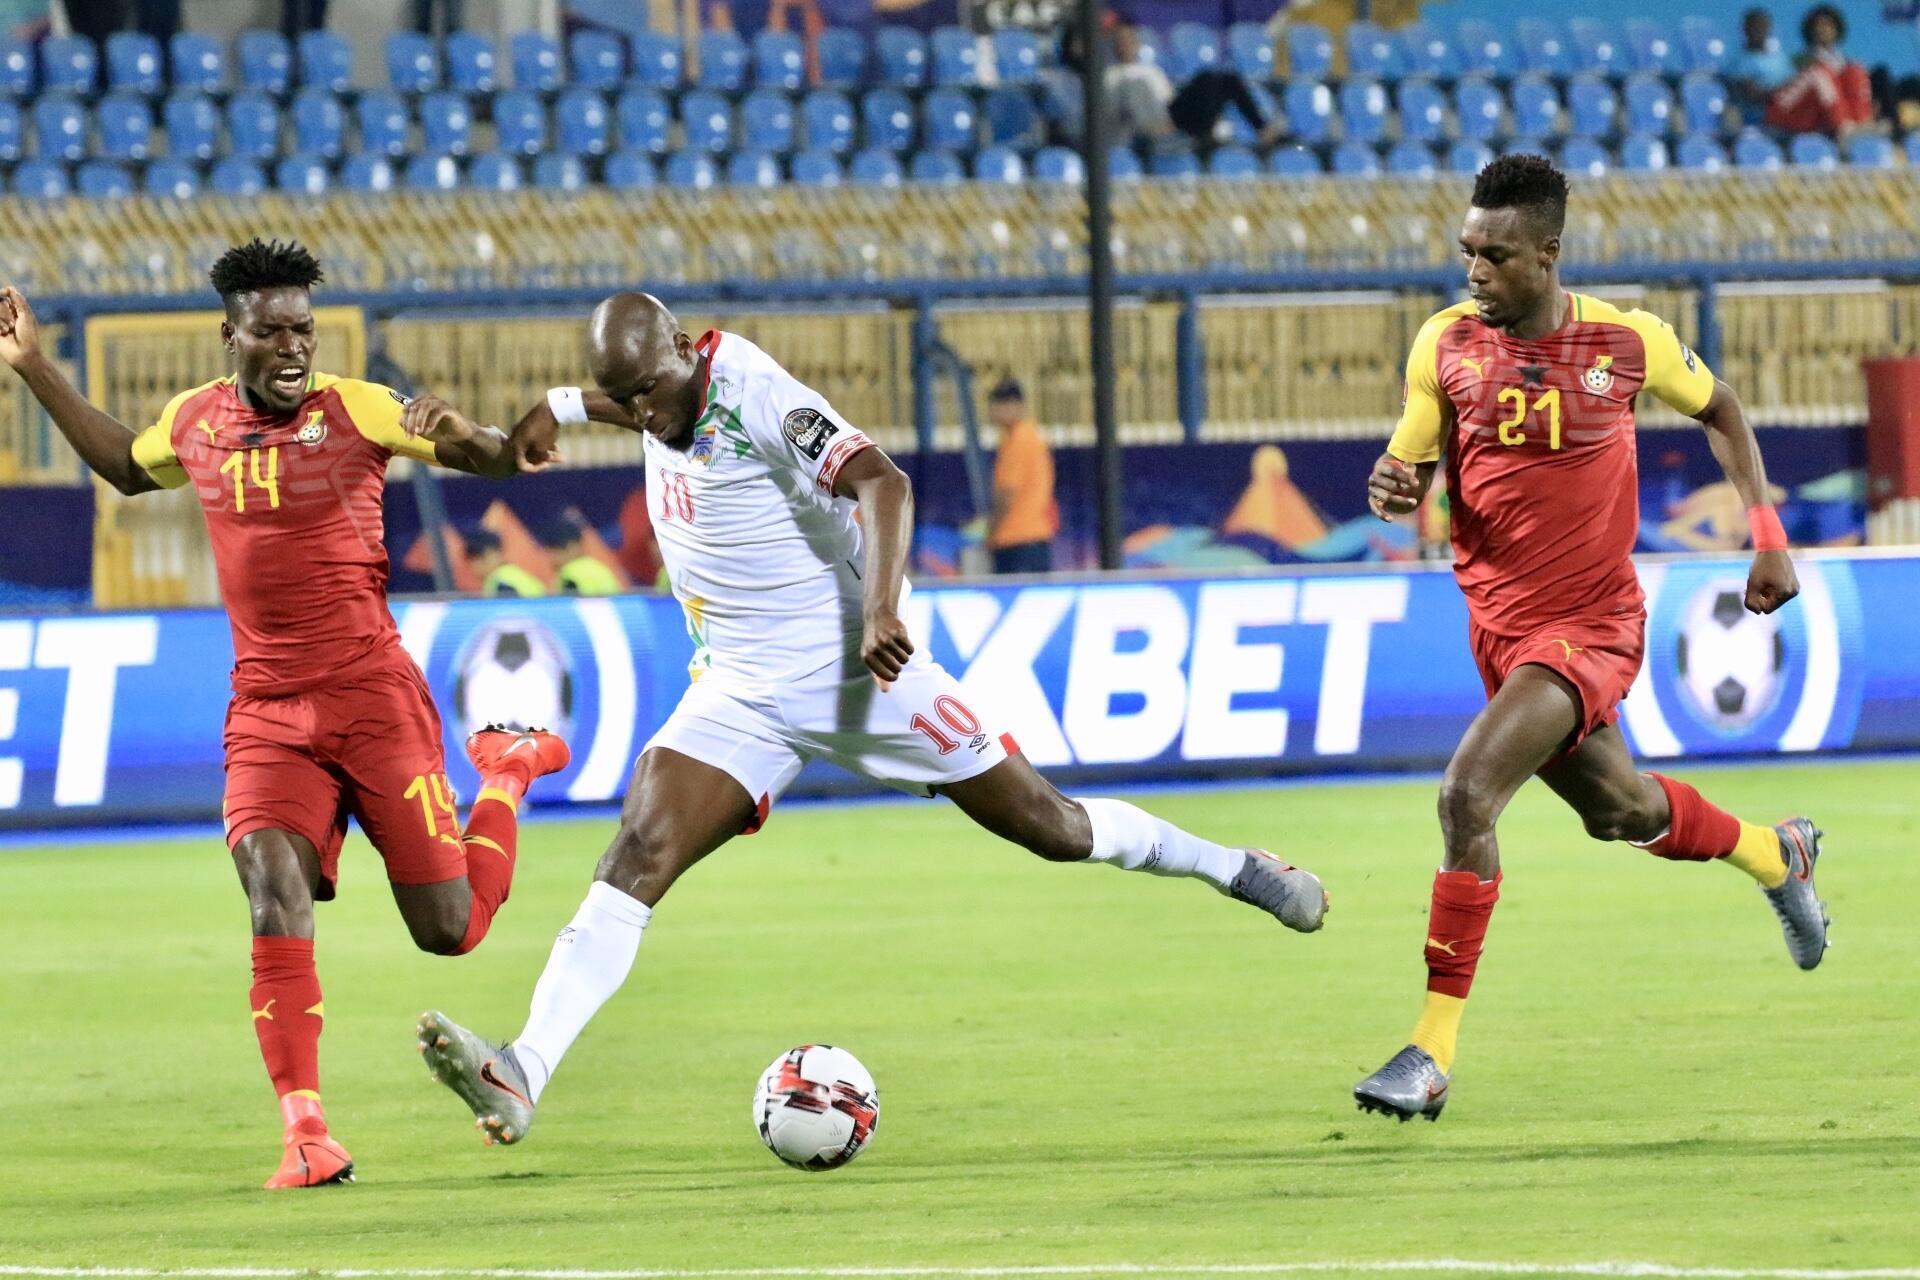 Le Béninois Mickaël Poté a signé un doublé face au Ghana.